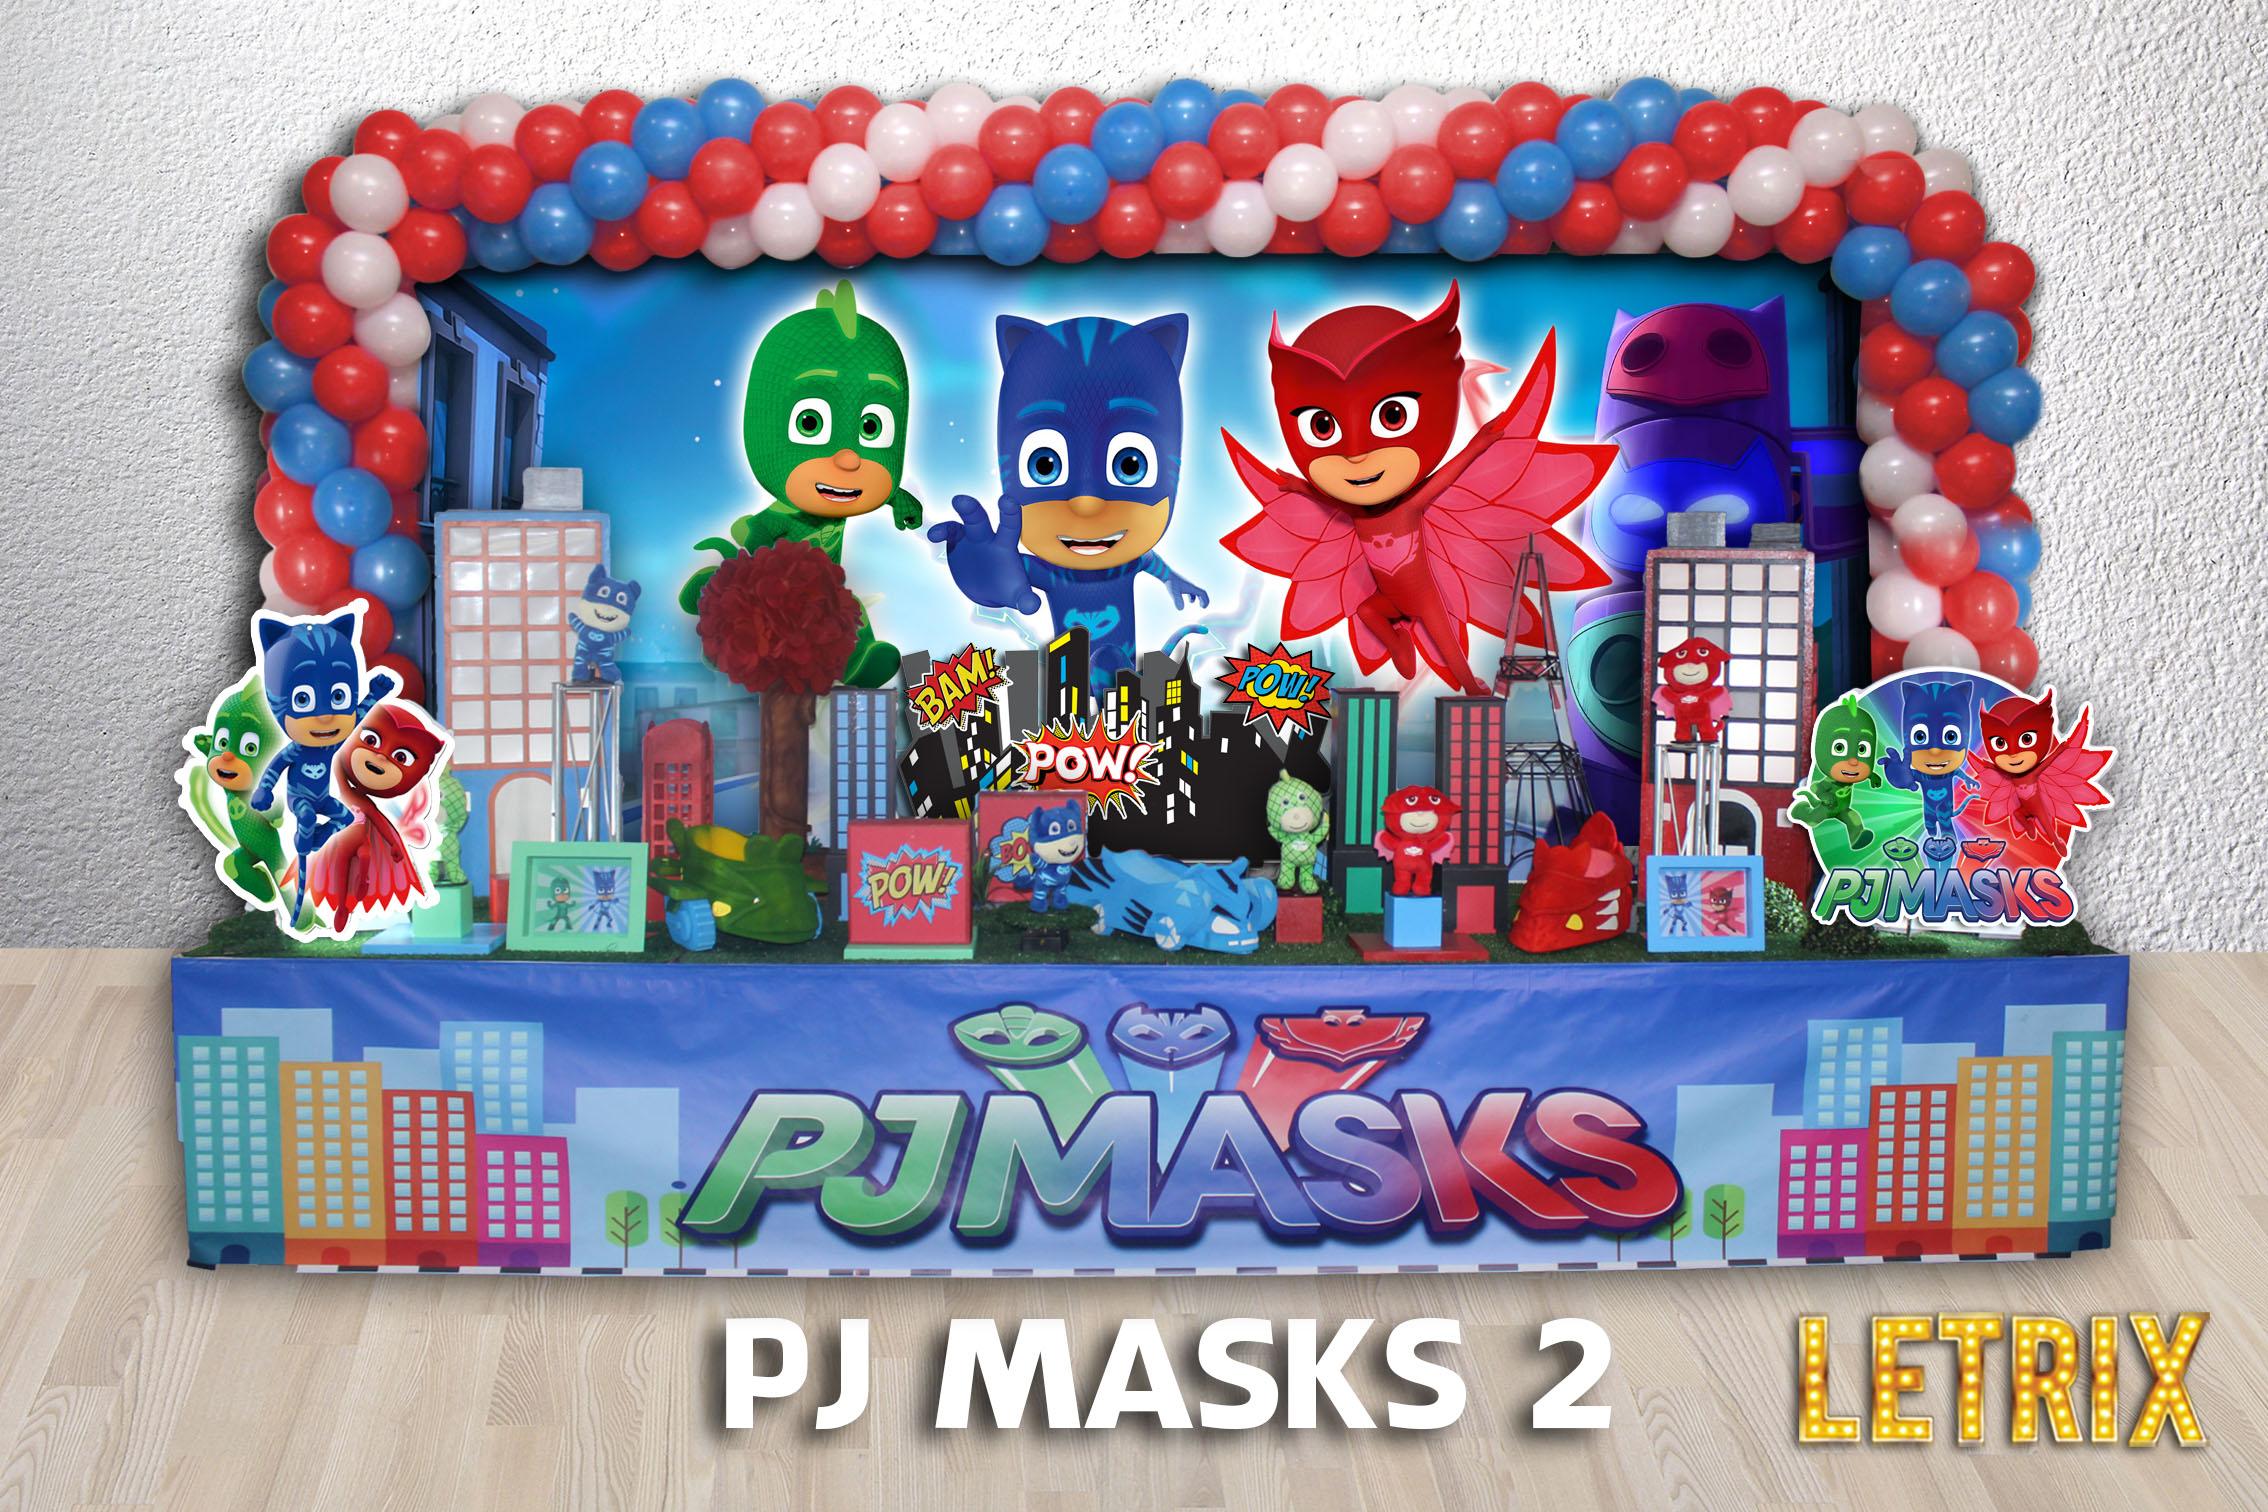 PJ MASKS 2.jpg